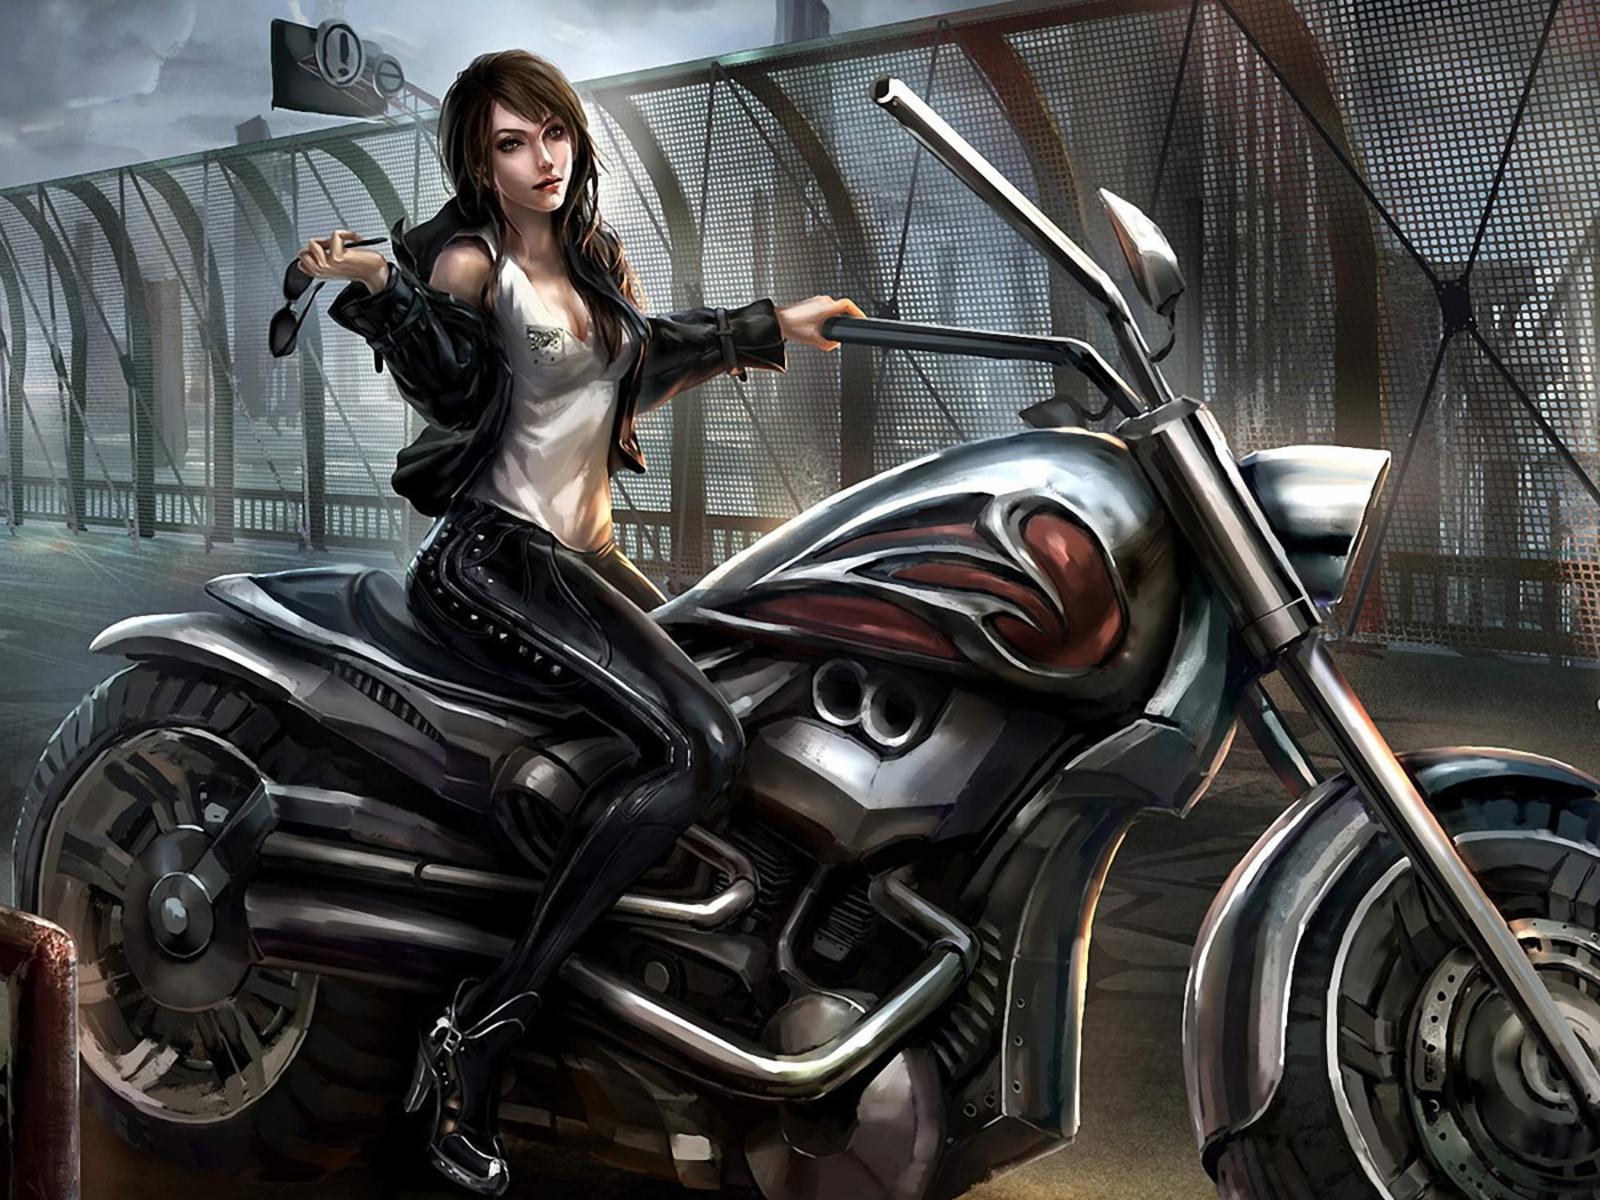 Fotos de mujer montada en moto para facebook